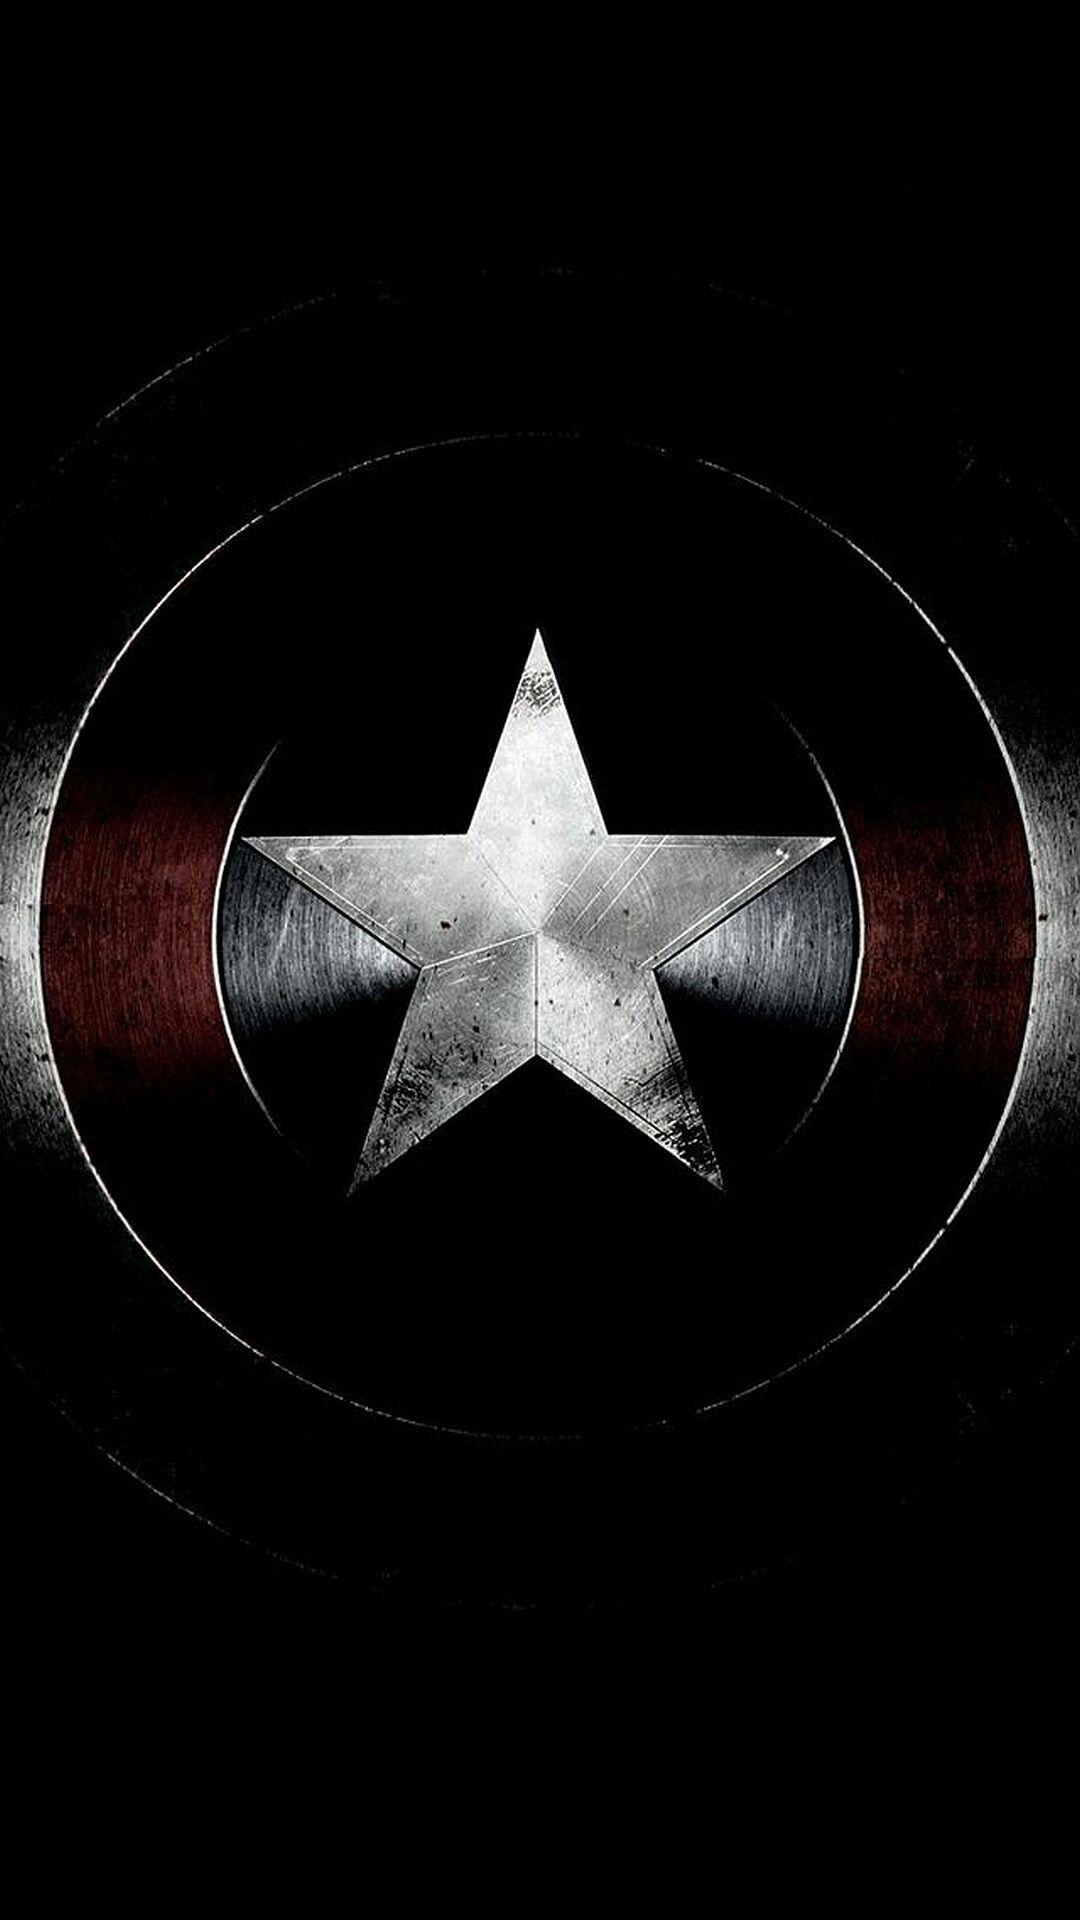 My Phone Wallpaper Captain America Wallpaper Marvel Captain America Marvel